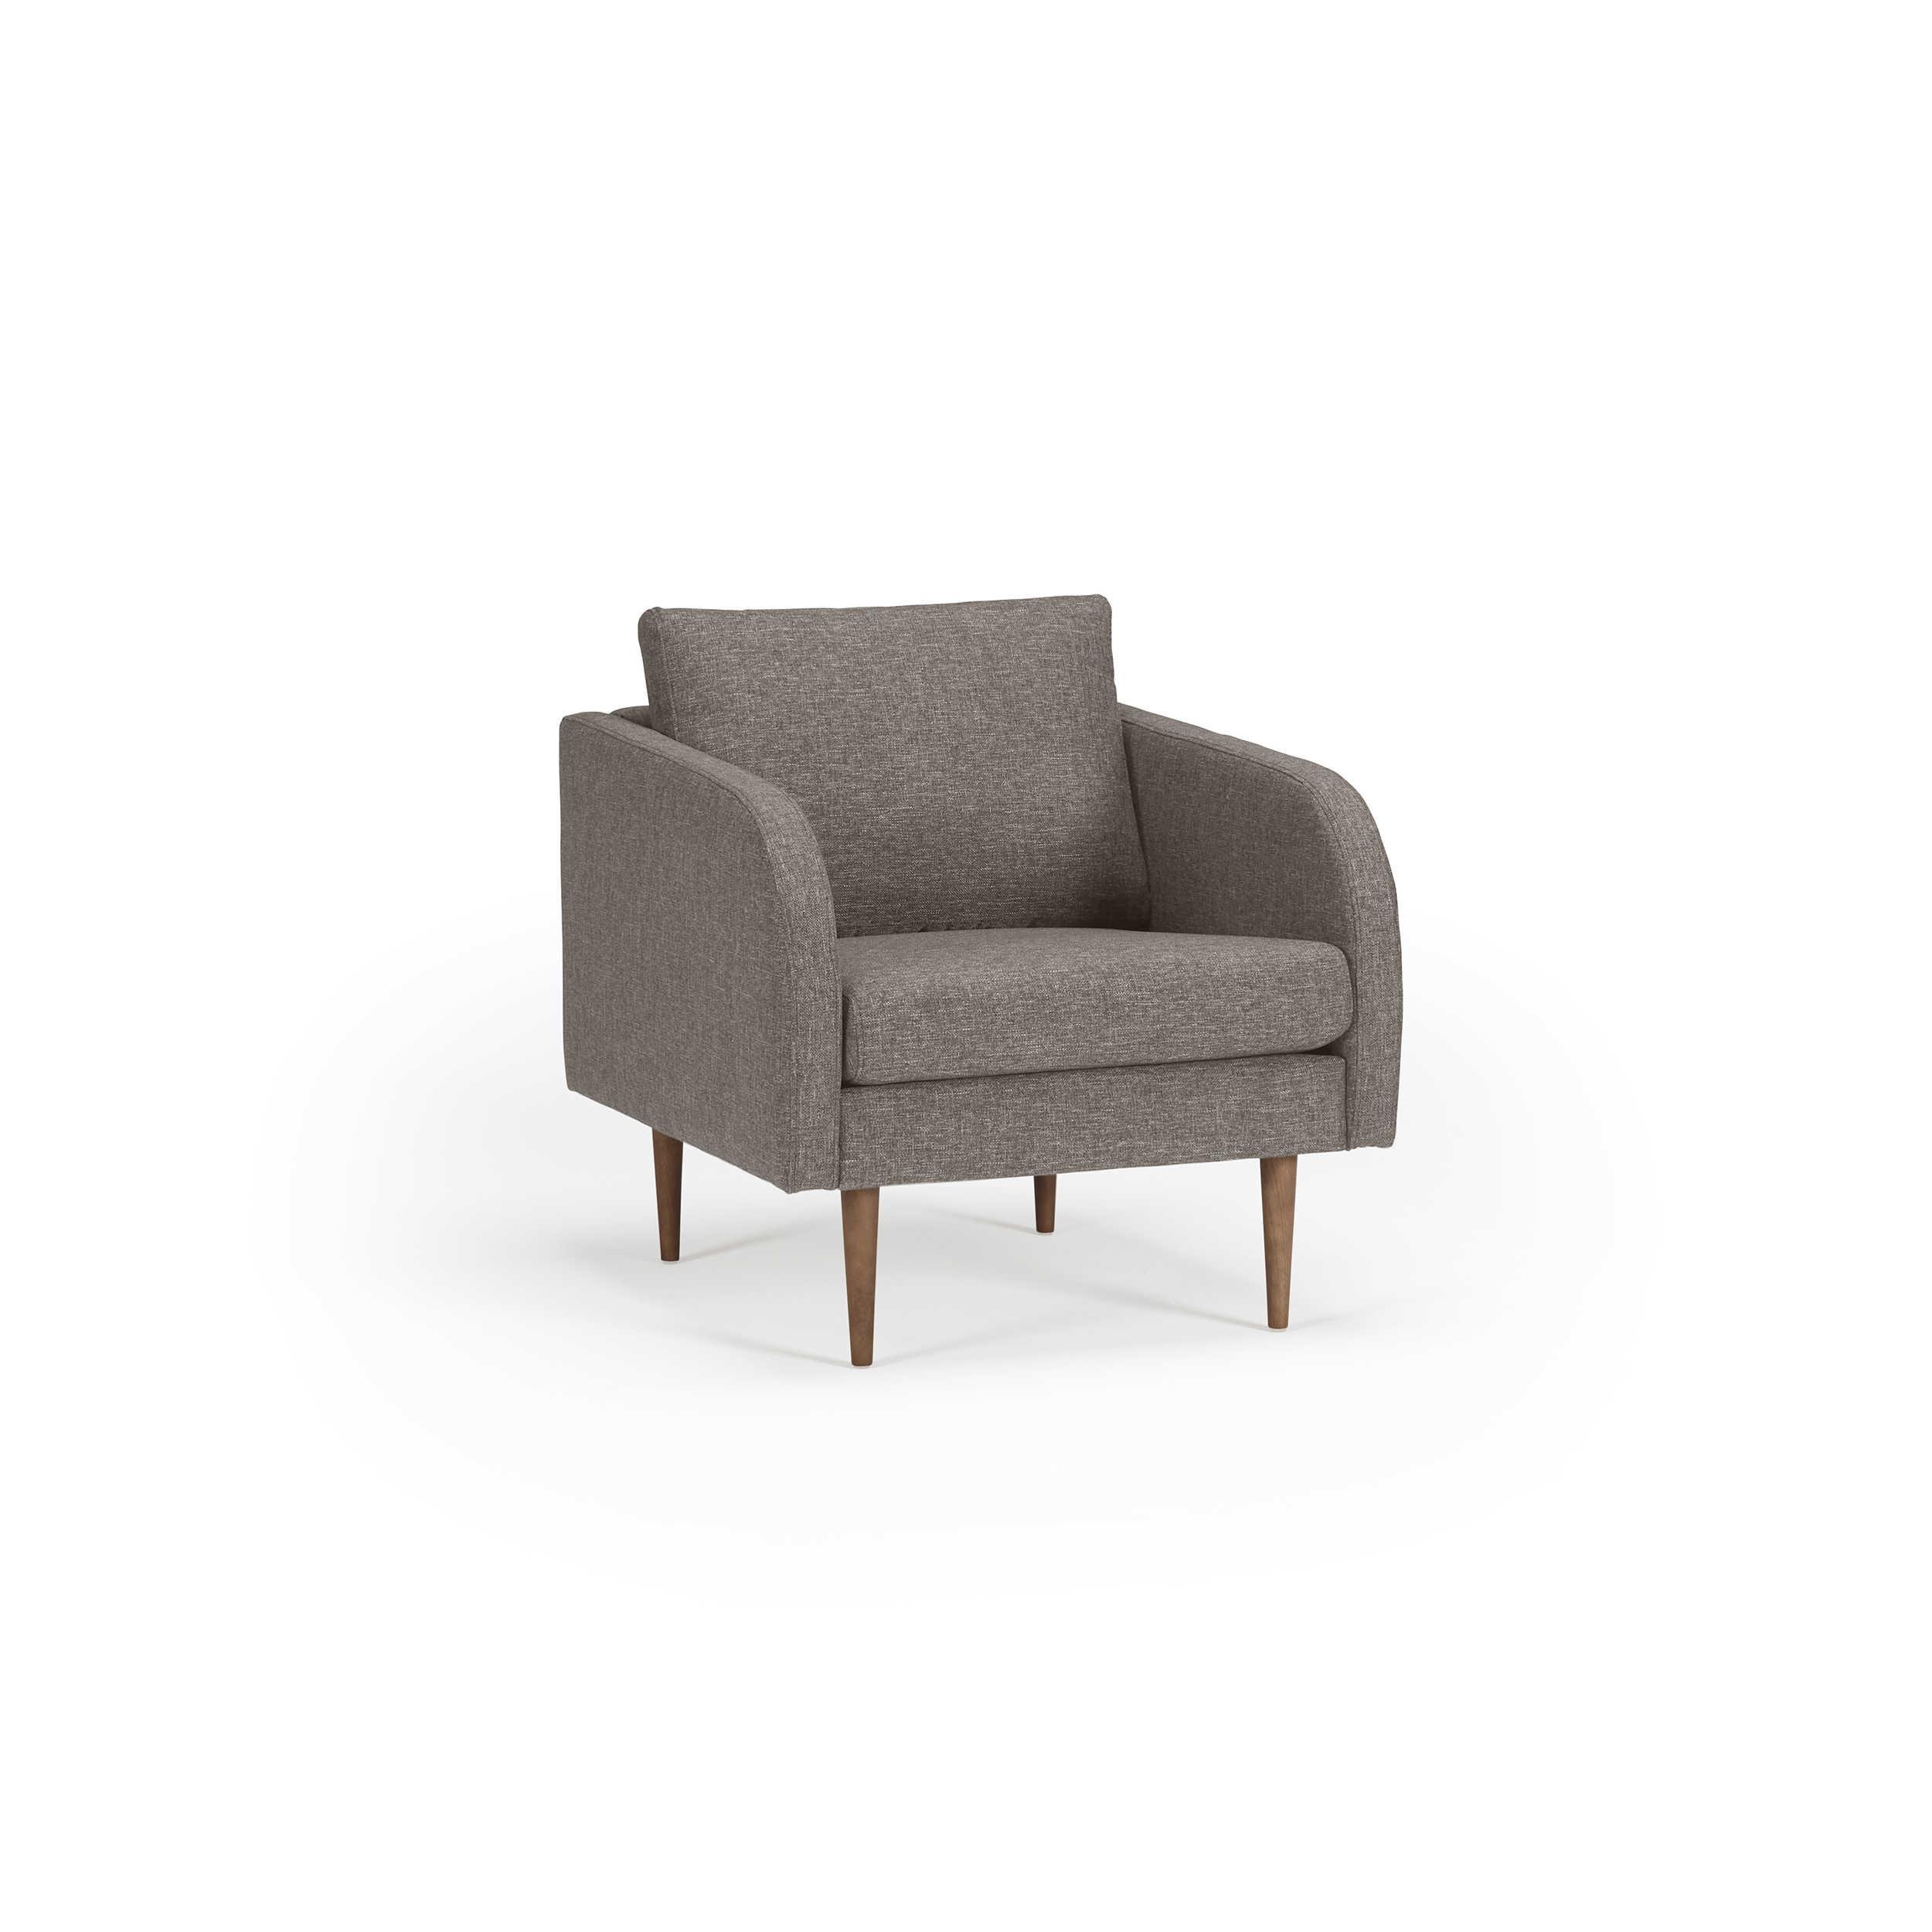 kragelund sessel k374 hugo braun stoff online kaufen bei woonio. Black Bedroom Furniture Sets. Home Design Ideas